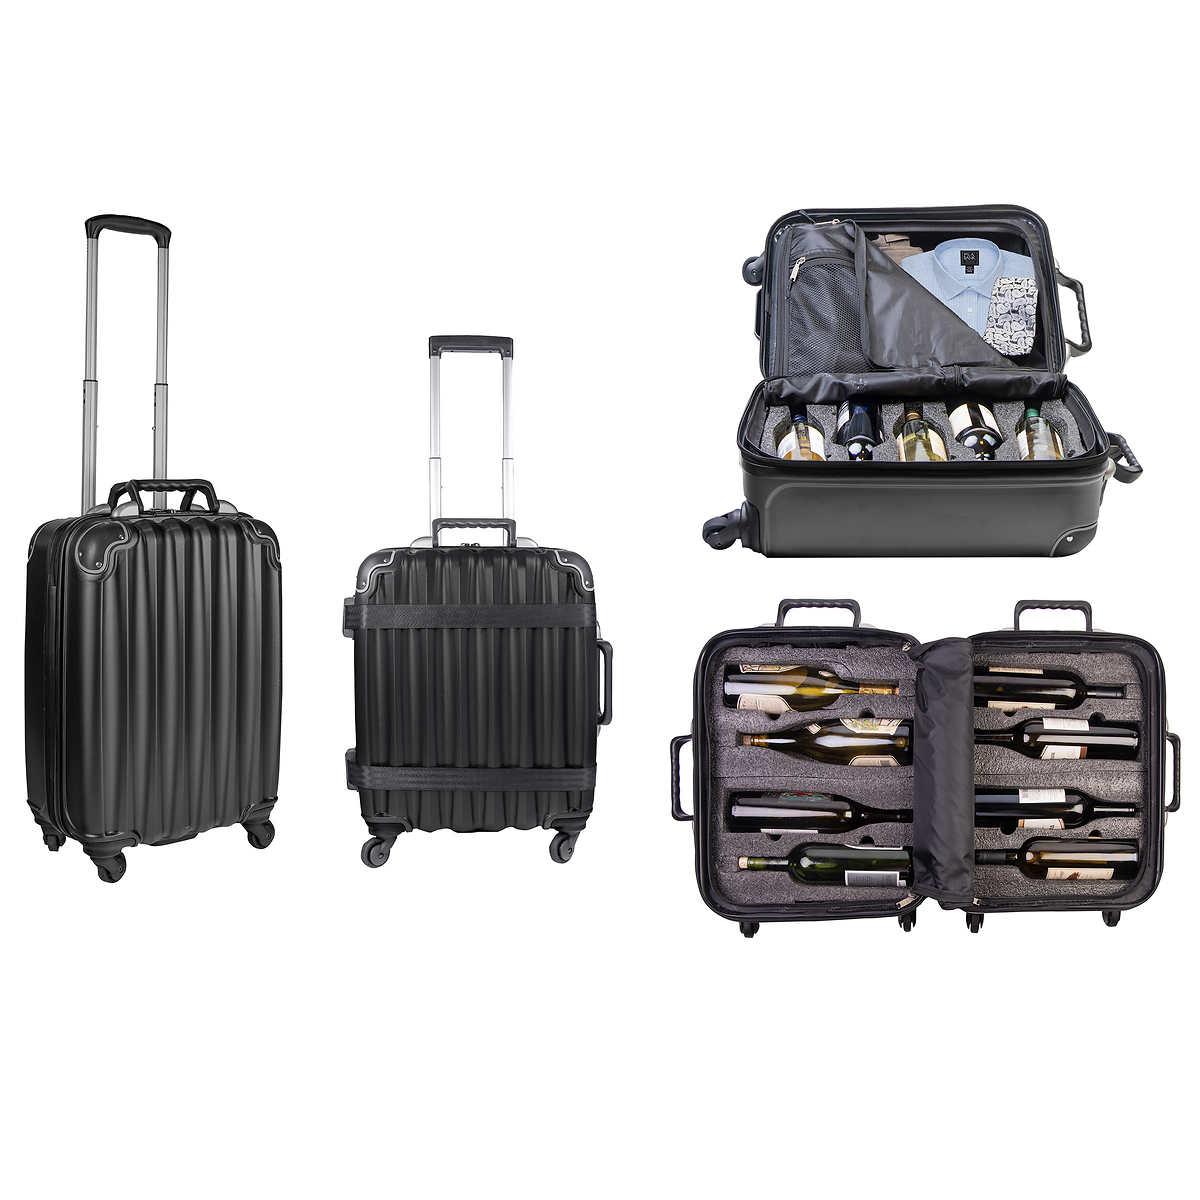 VinGardeValise 2-piece Hardside Wine Carrier Luggage Spinner Set